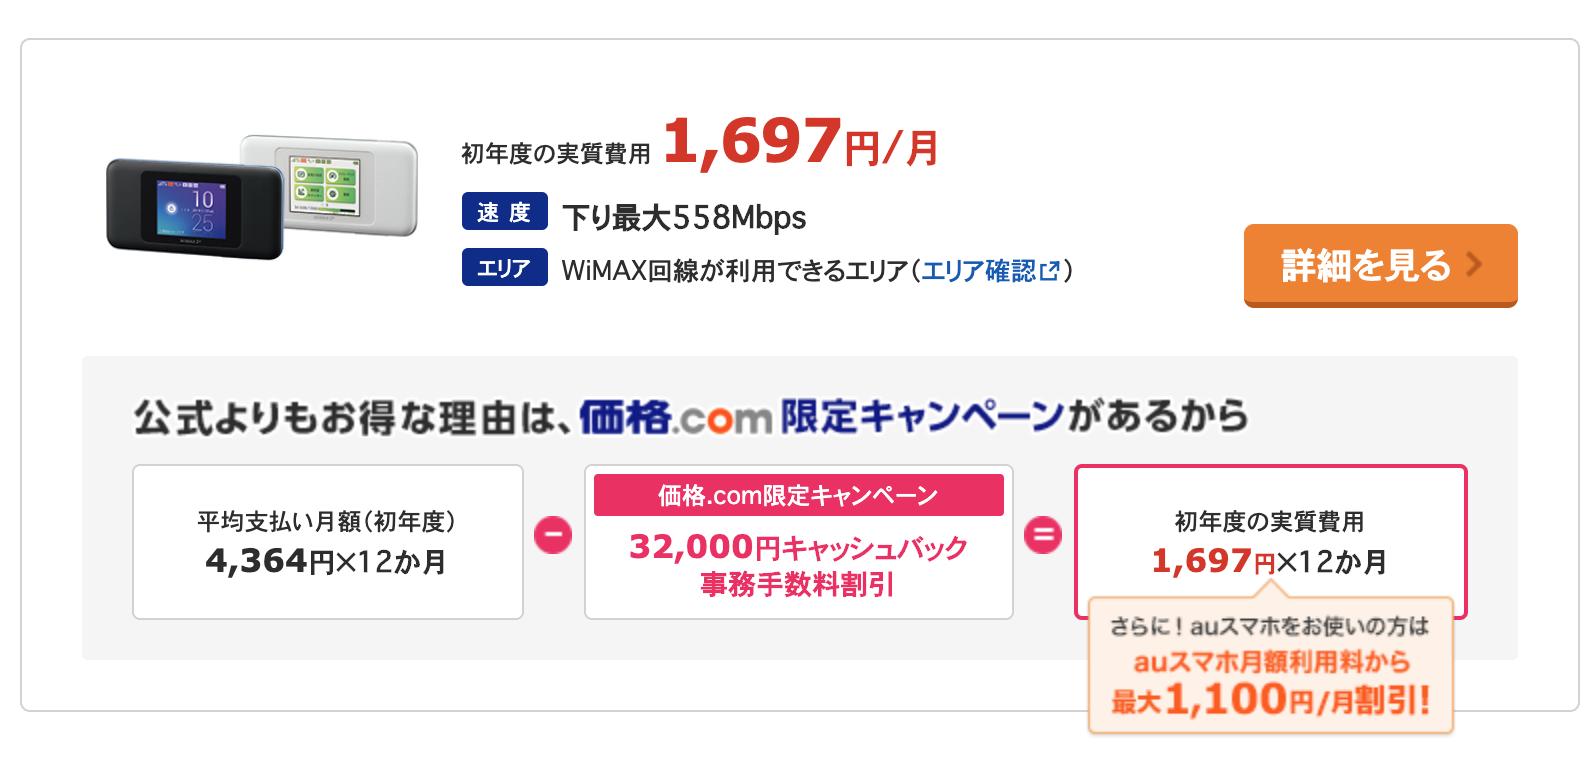 価格.com初年度月額料金